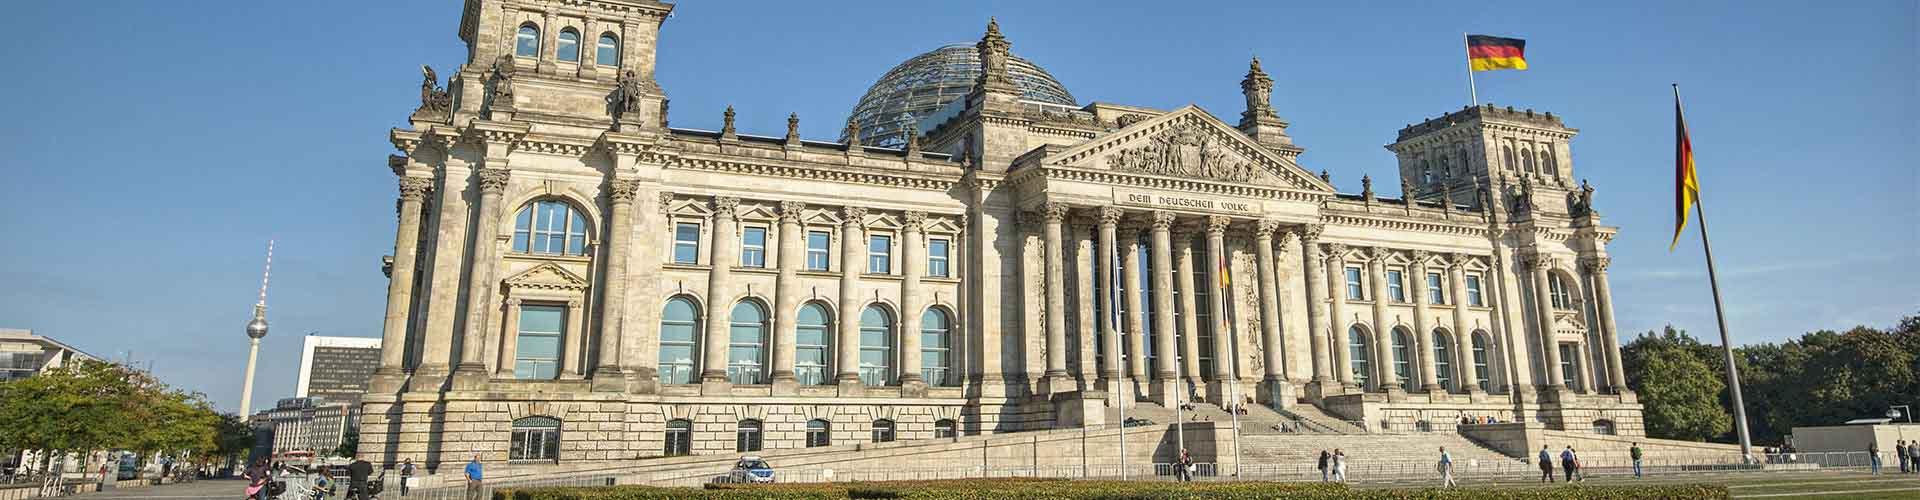 베를린 - 독일 의회건물에 가까운 호텔. 베를린의 지도, 베를린에 위치한 호텔에 대한 사진 및 리뷰.